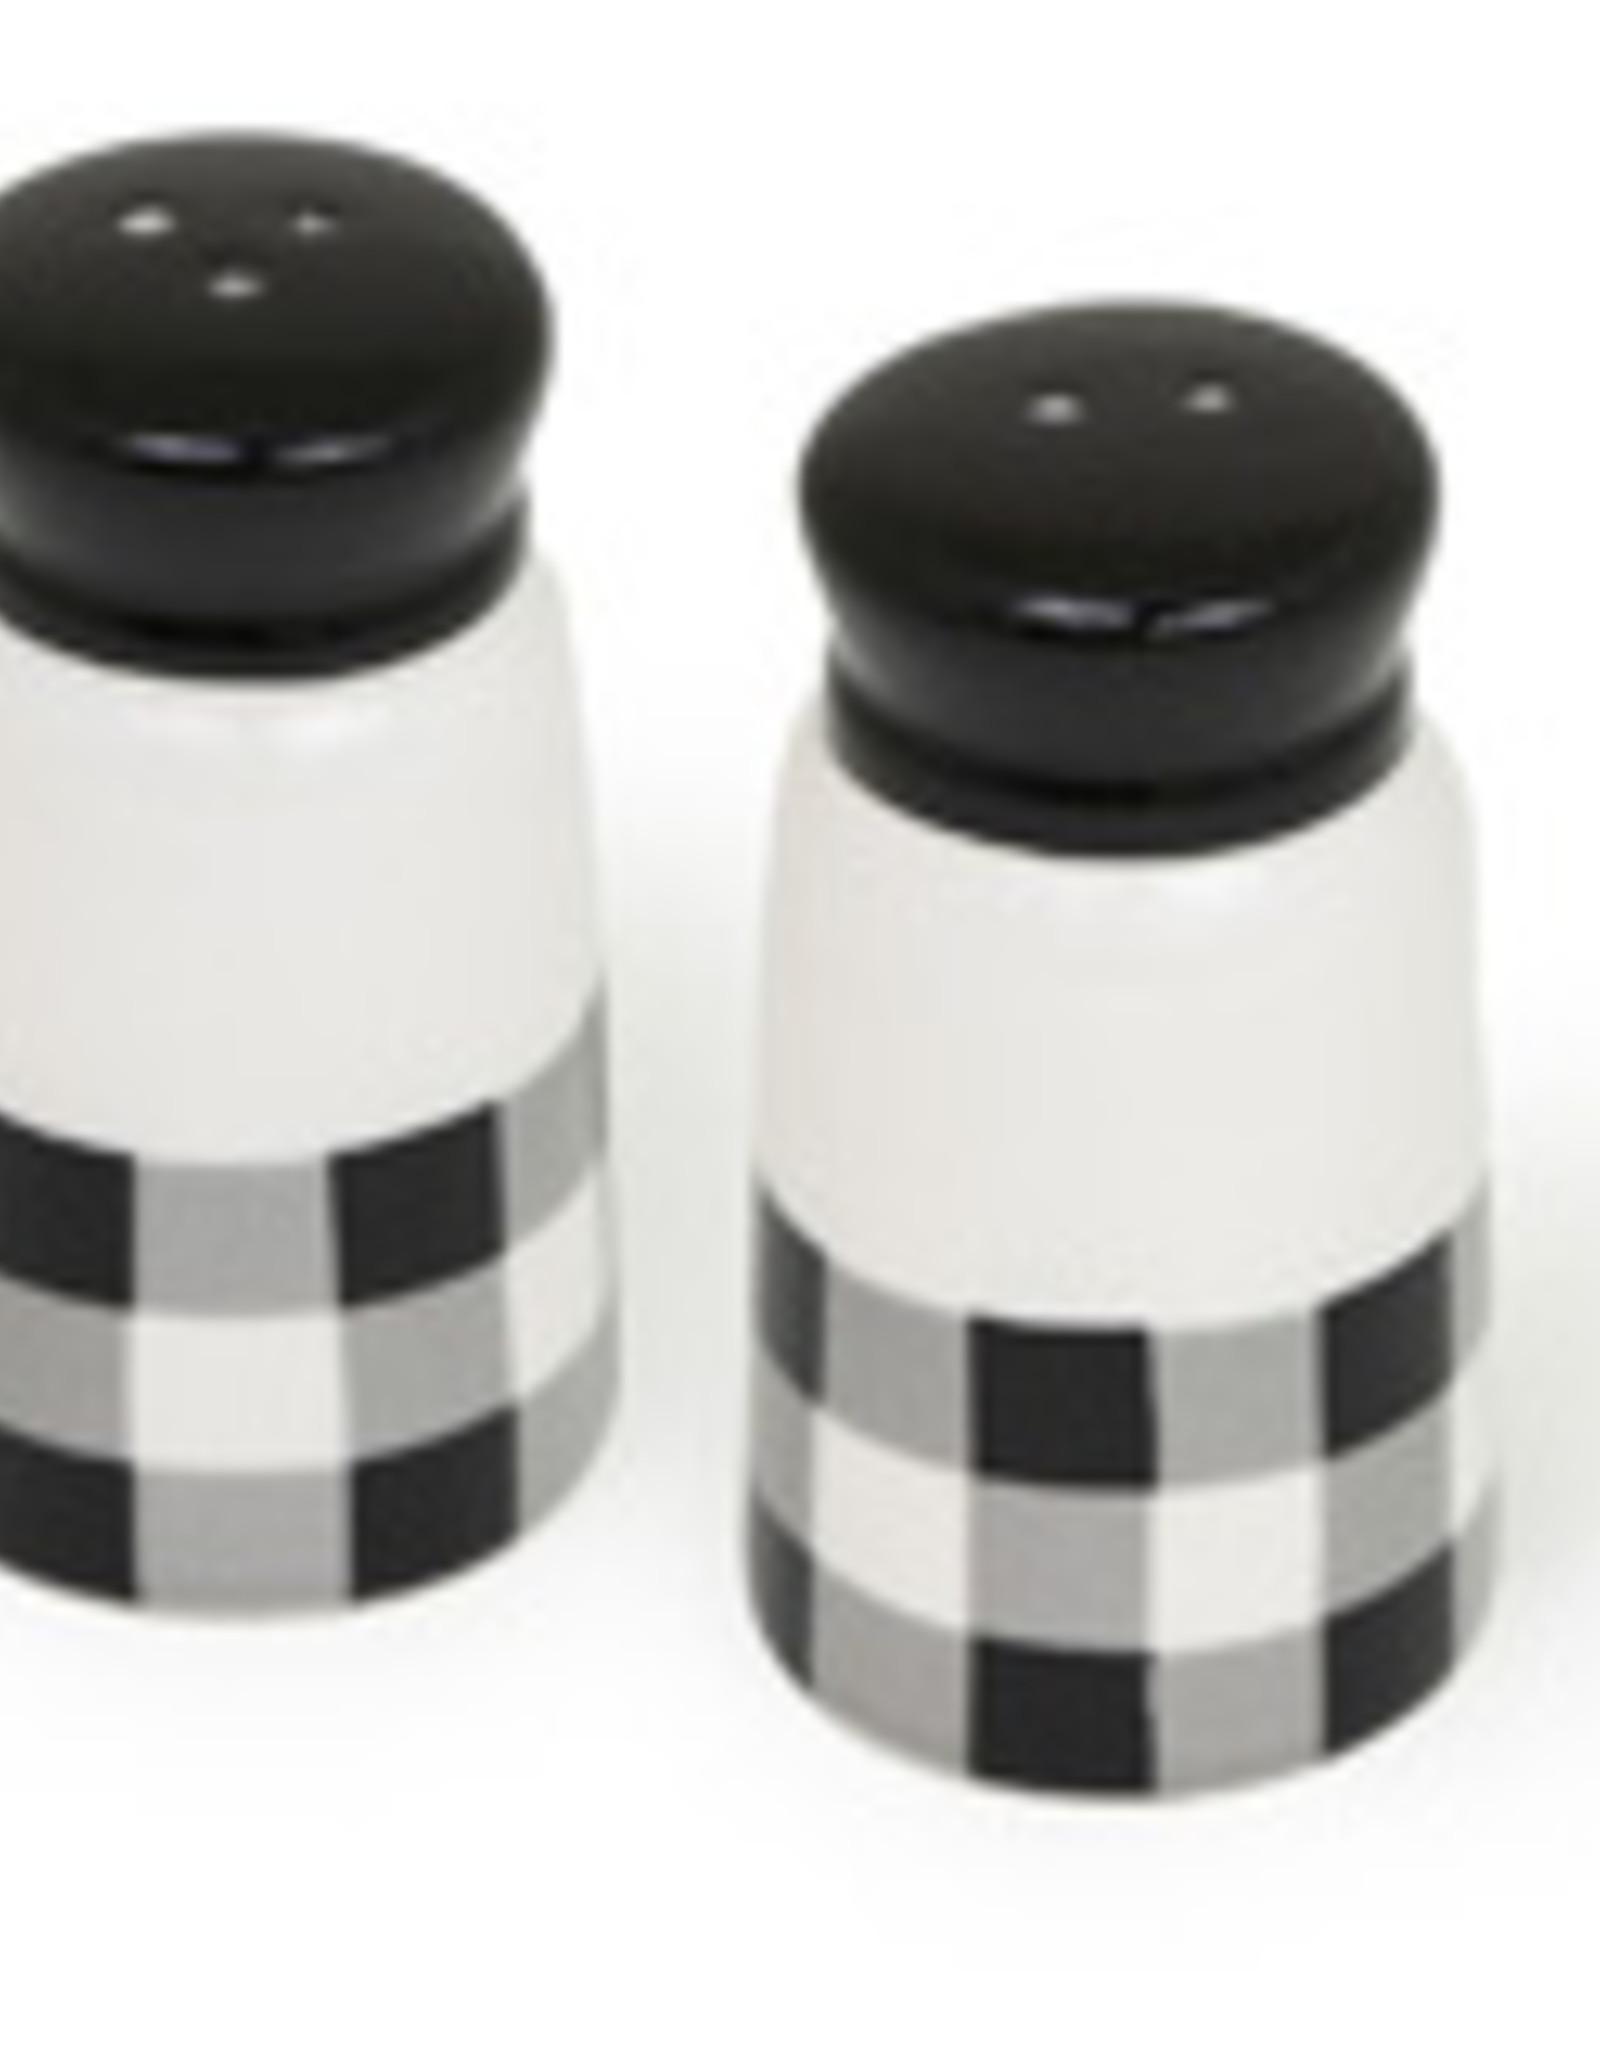 Boston International Salt & Pepper, Black & White Check